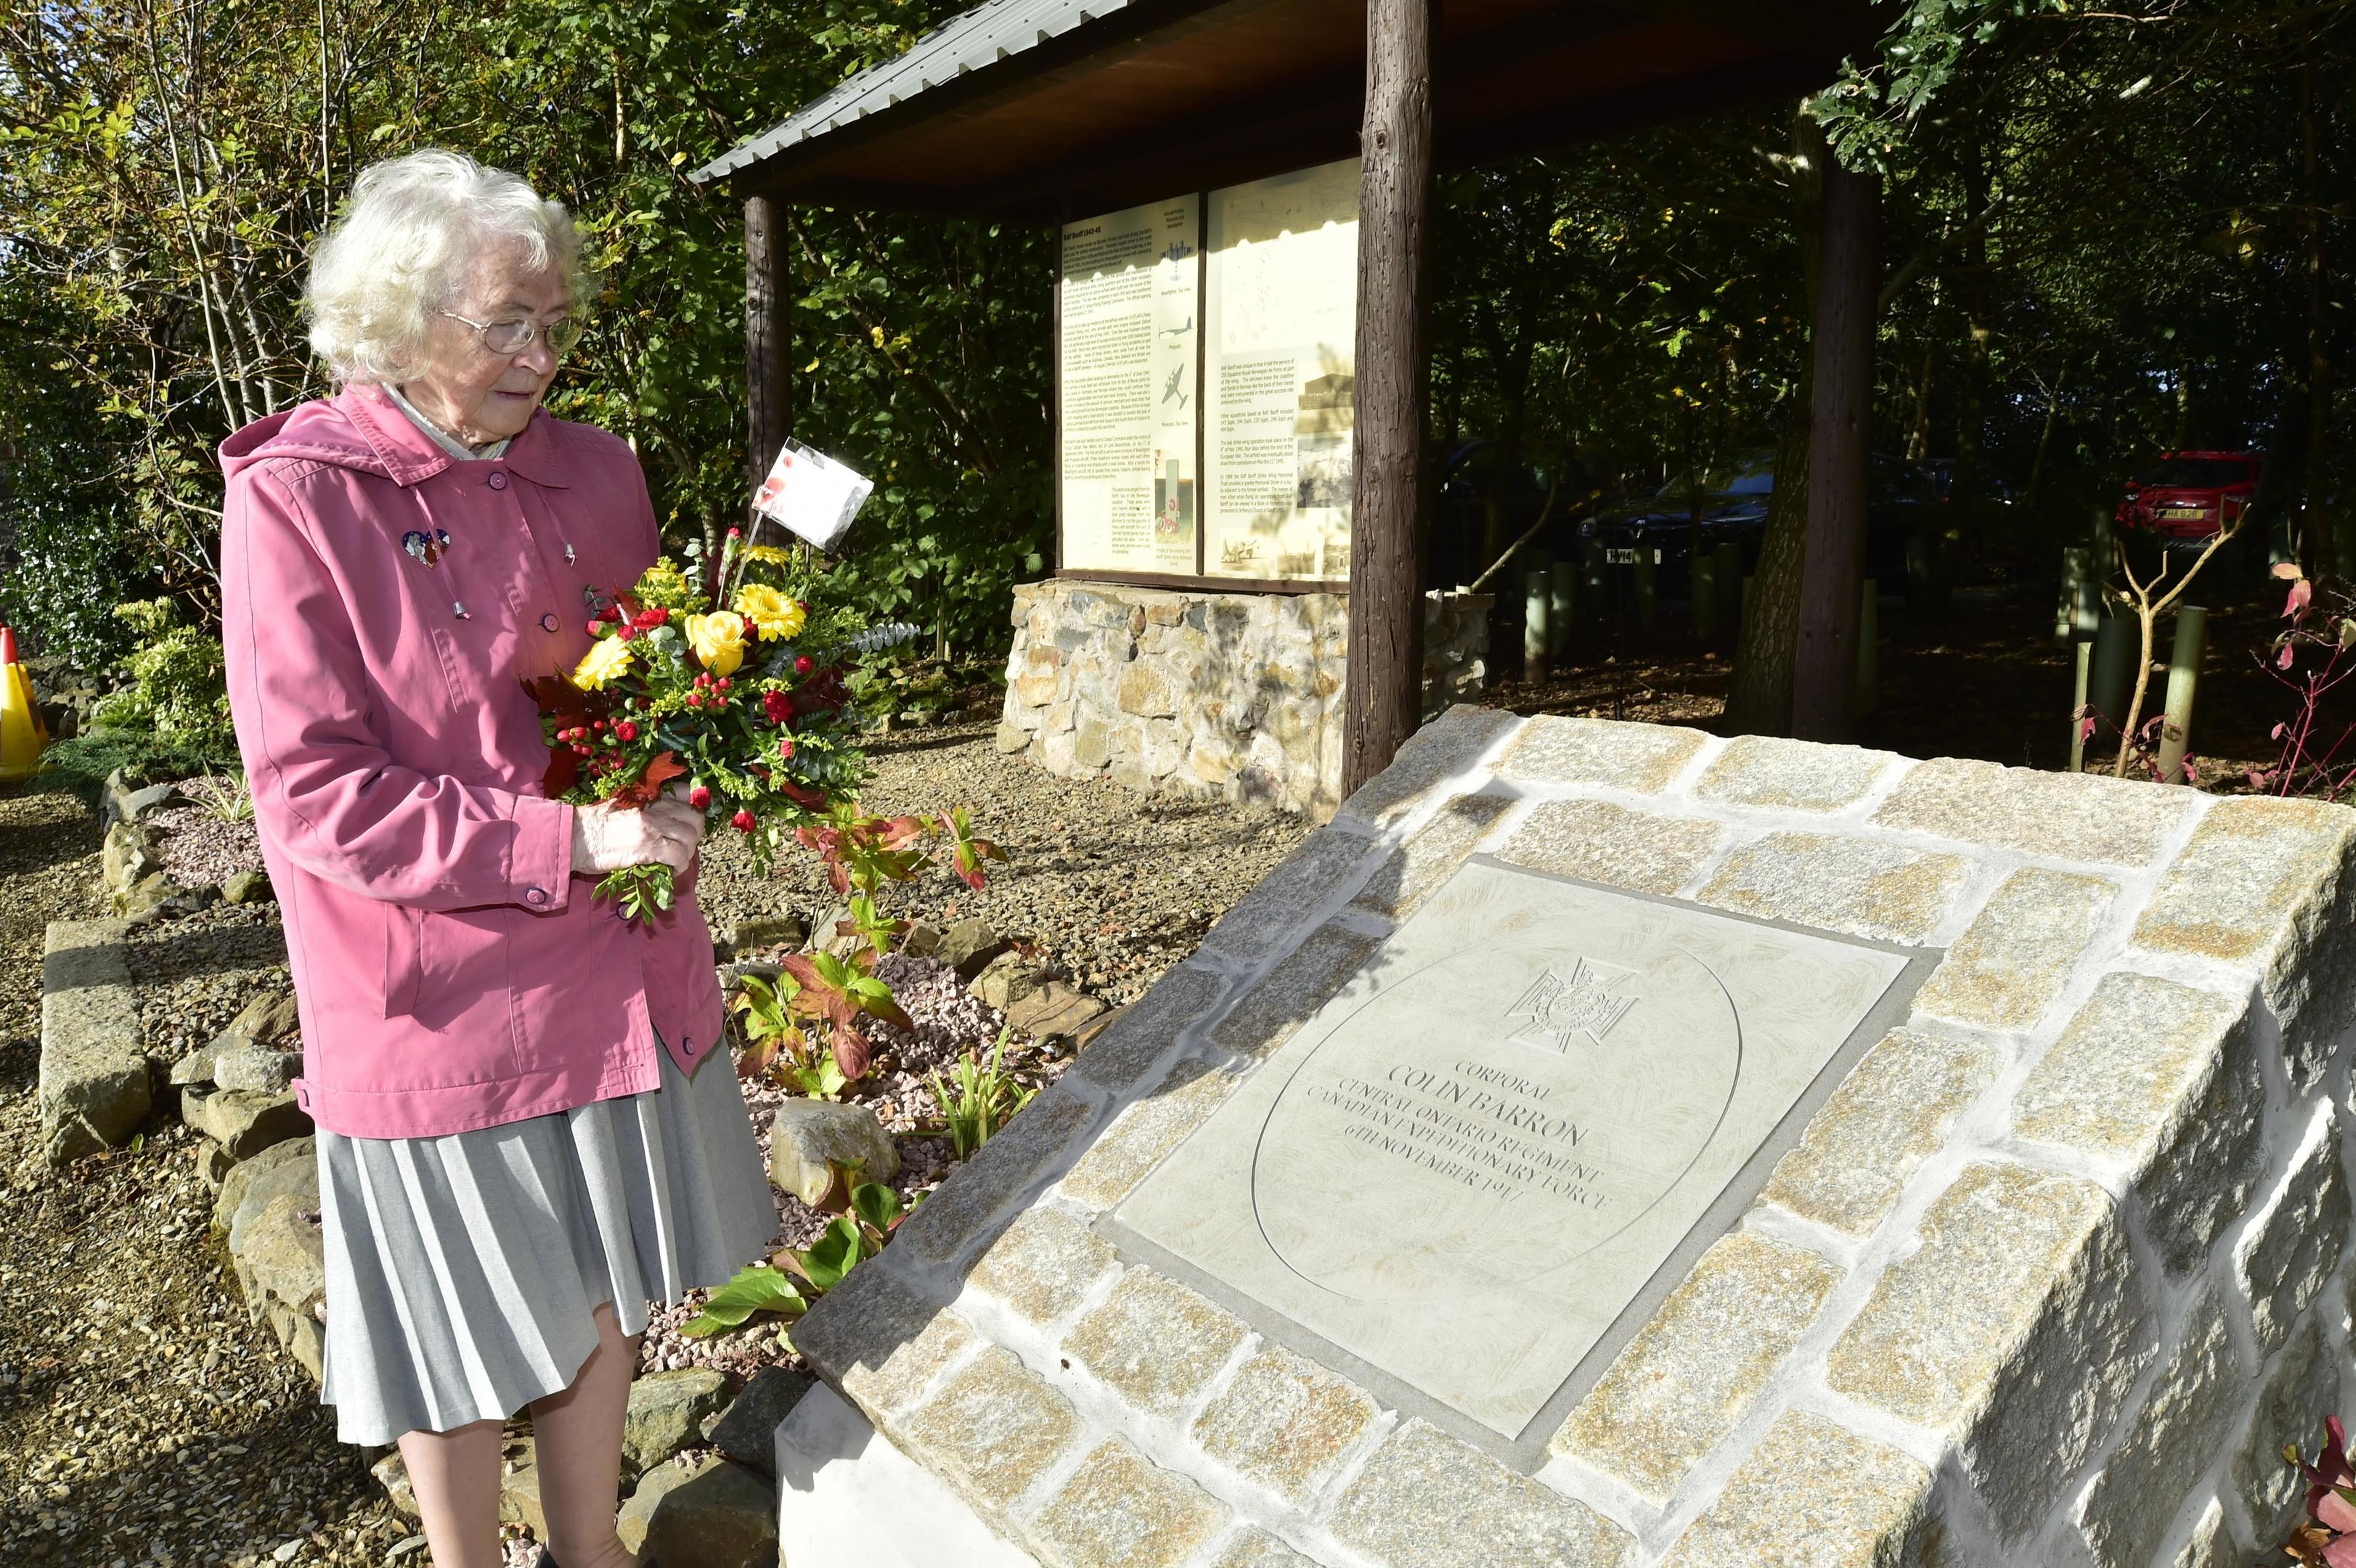 Colin Barron's niece, Daisy Ogg, beside the memorial.